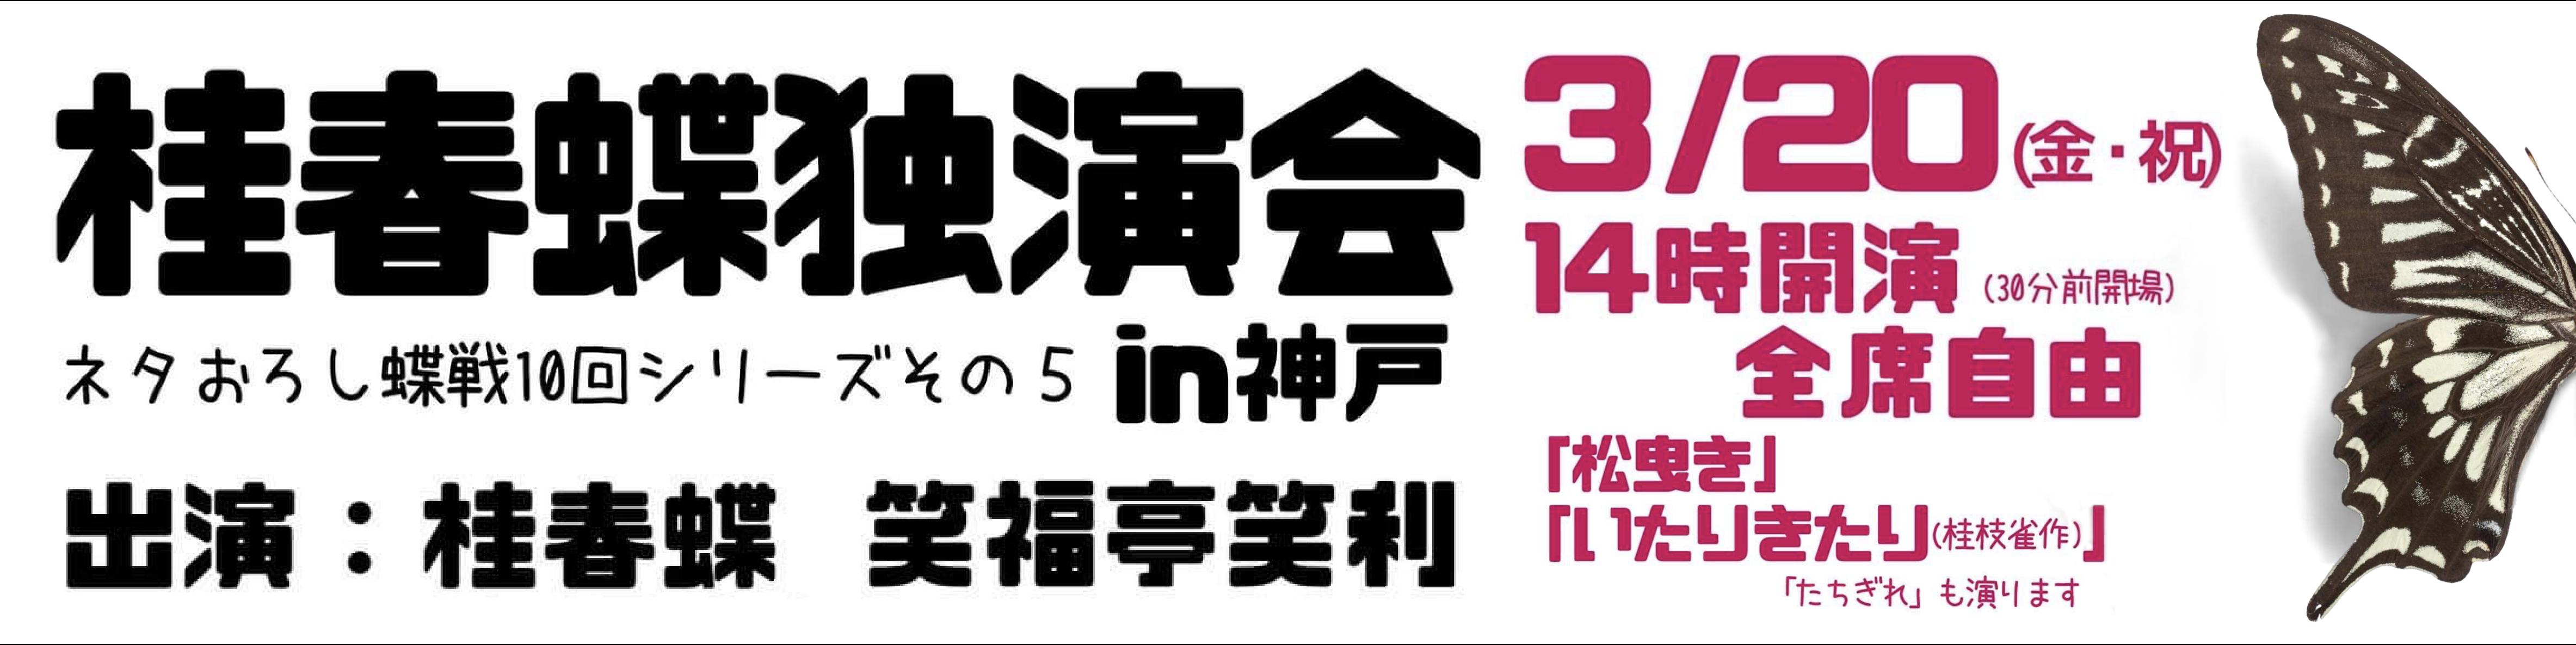 桂春蝶独演会 ネタおろし蝶戦10回シリーズその5 in神戸